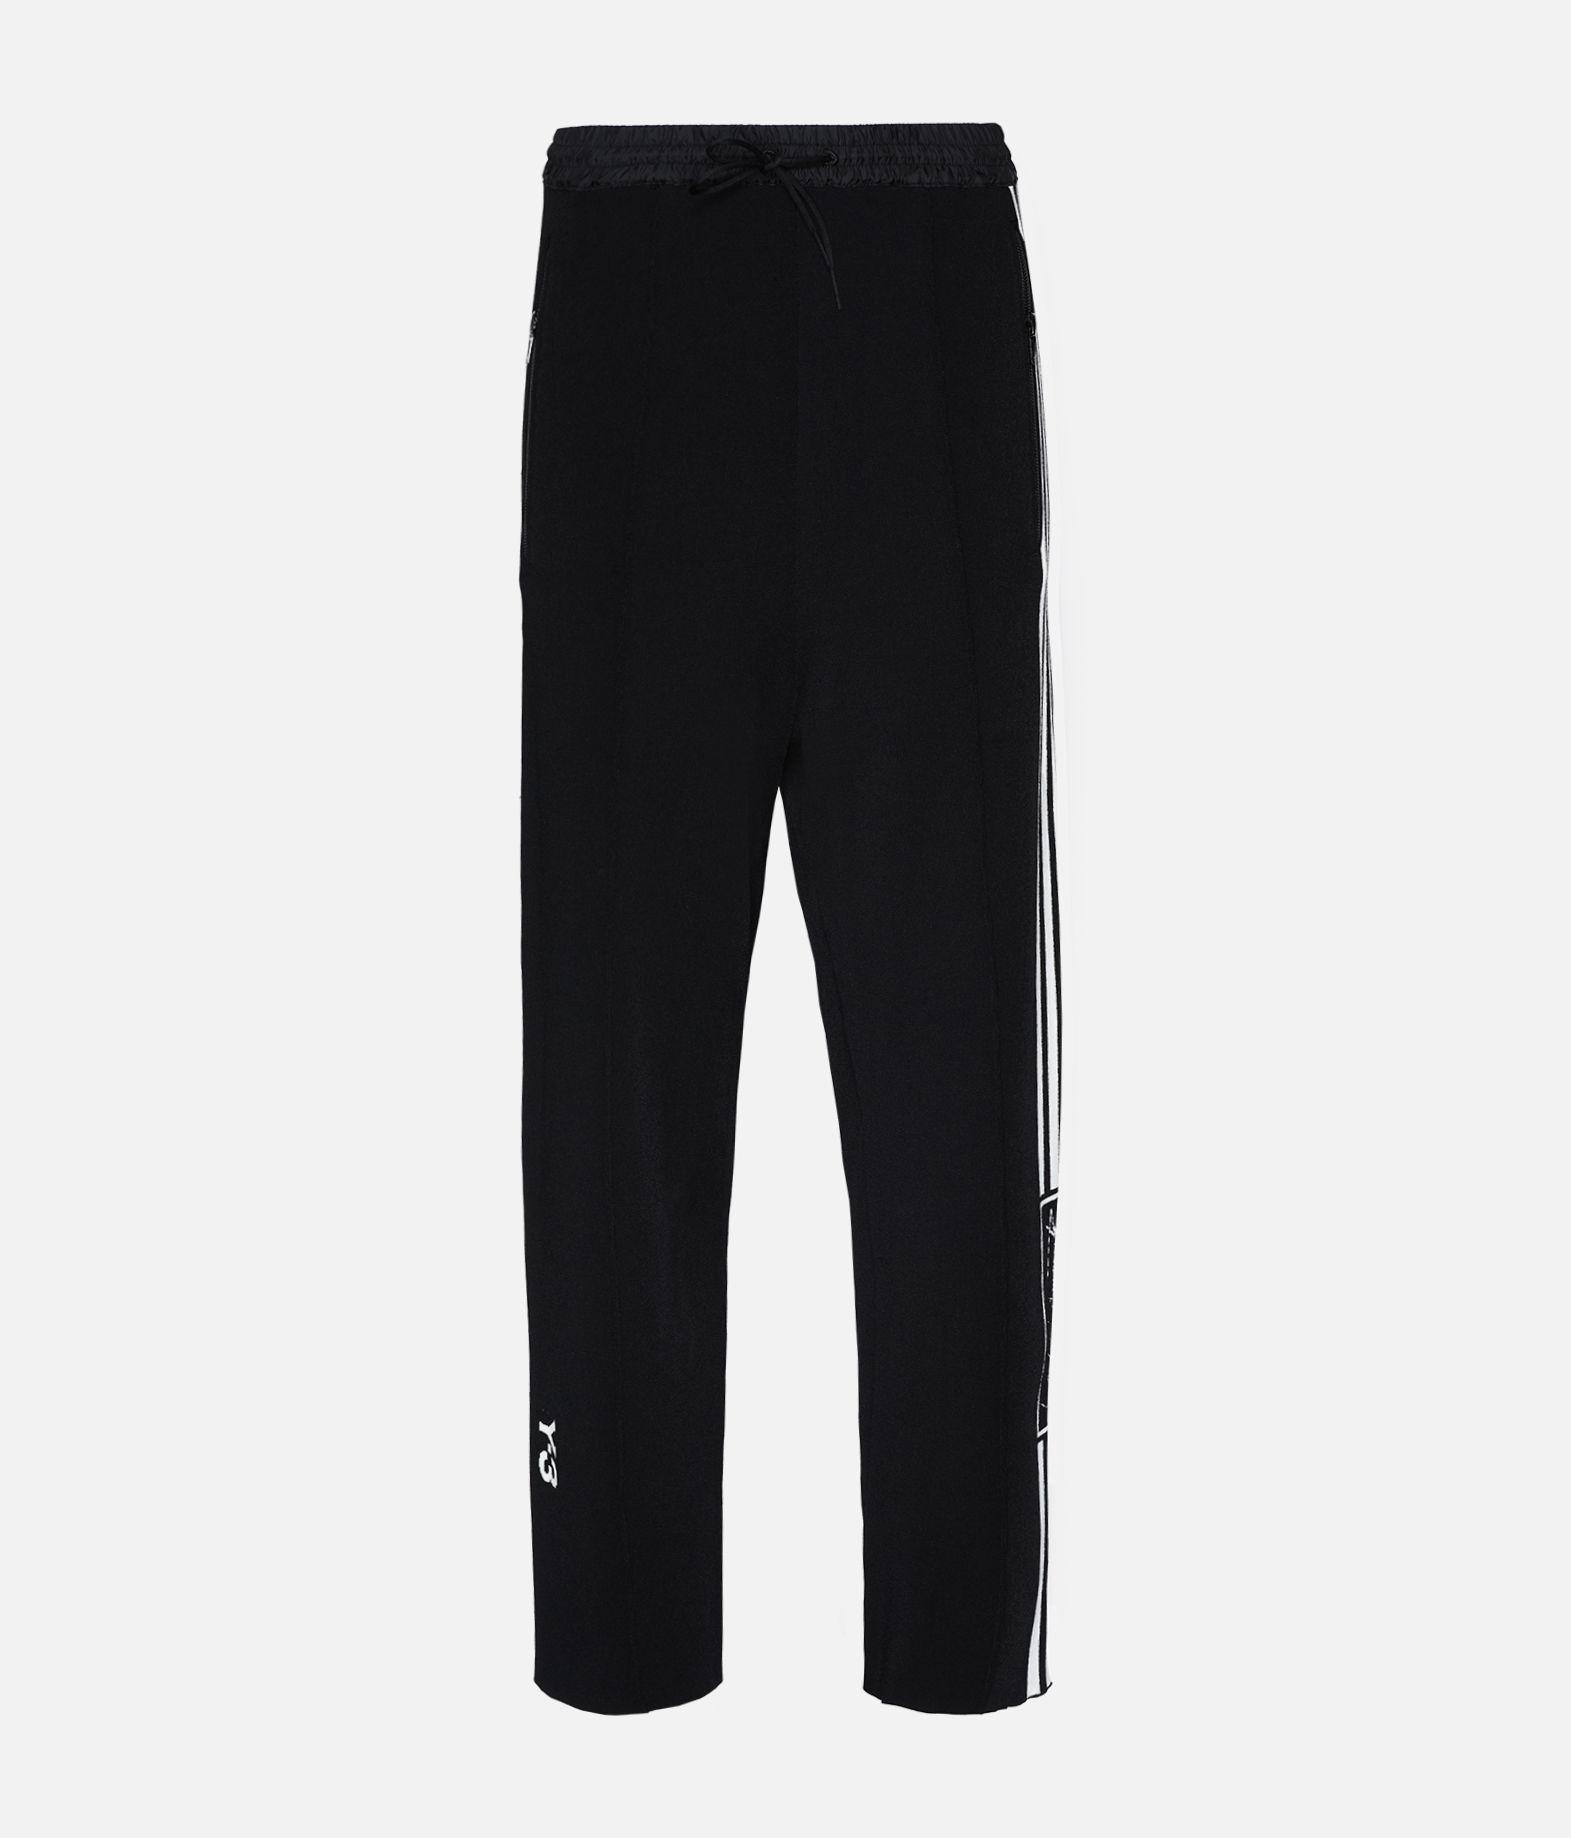 Y-3 Y-3 Tech Knit Wide Pants パンツ レディース f